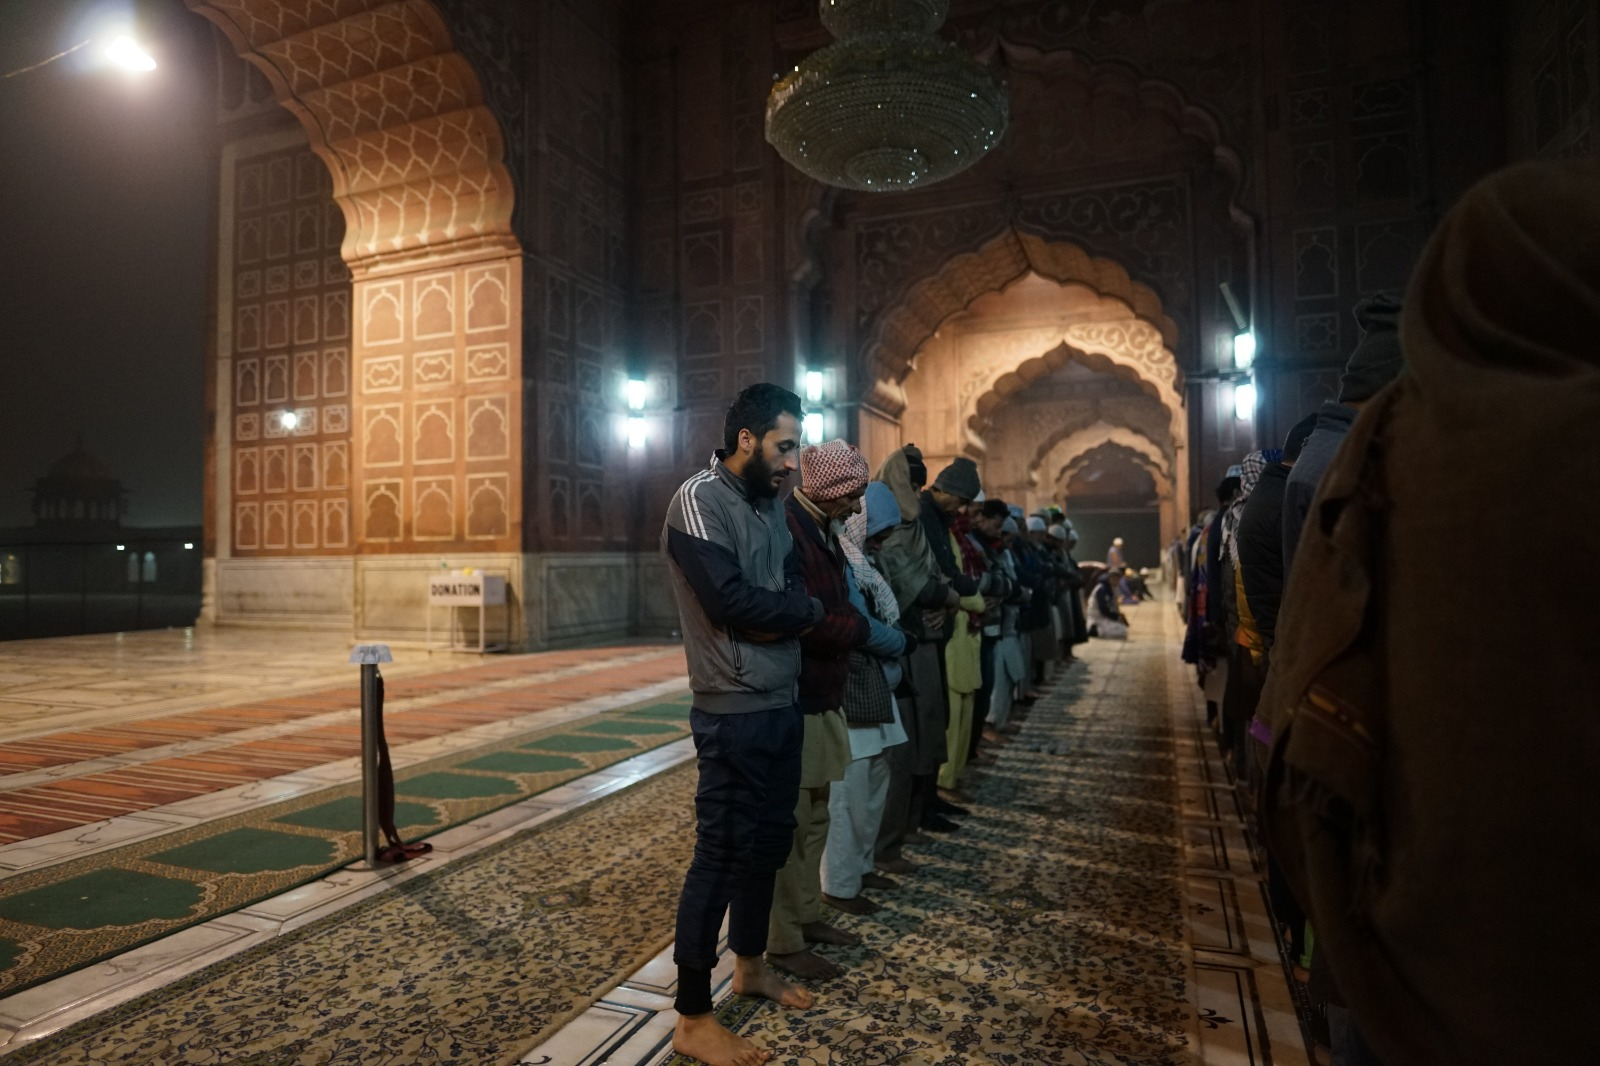 ما هي الأسباب التي تعين على الخشوع في الصلاة؟